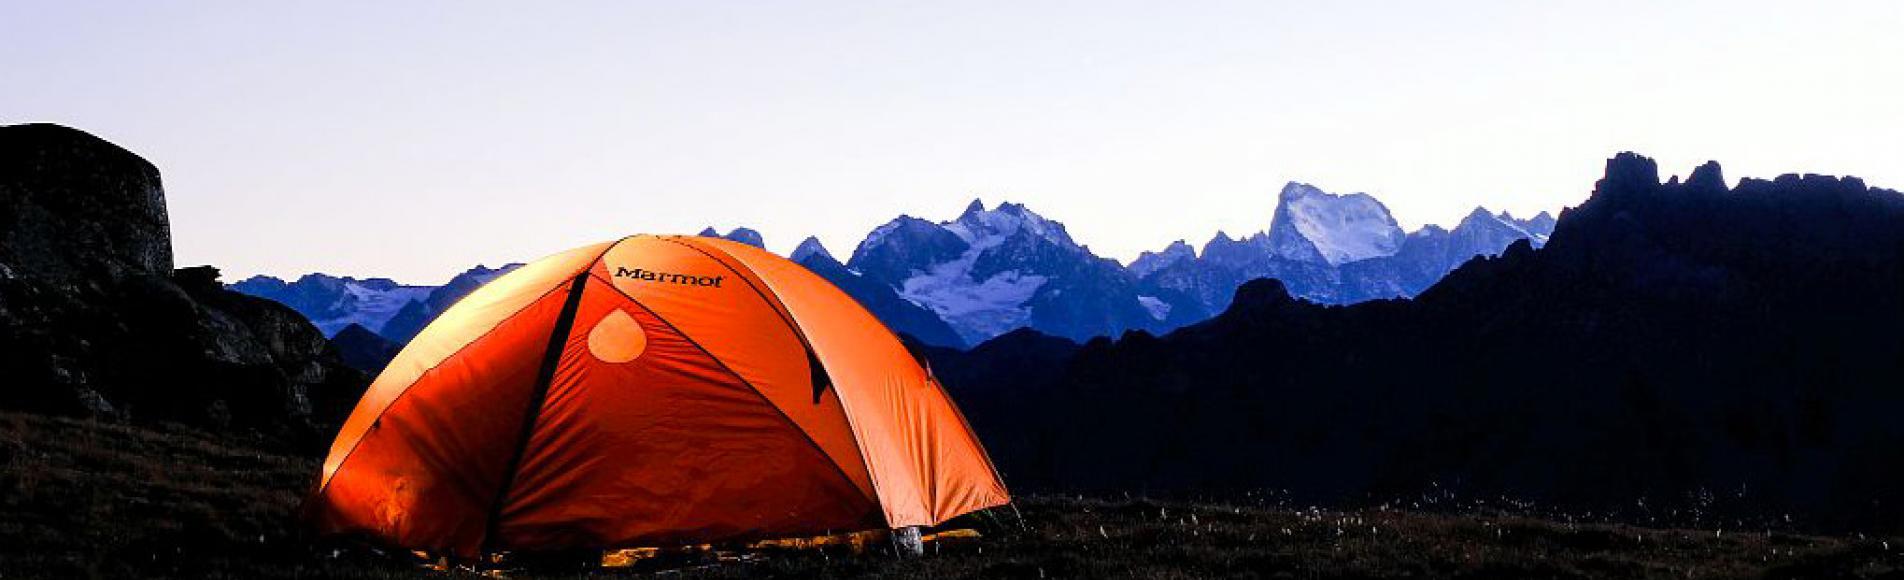 Bivouac vue sur le massif des Ecrins - photo Mirelle Coulon - Parc national des Ecrins